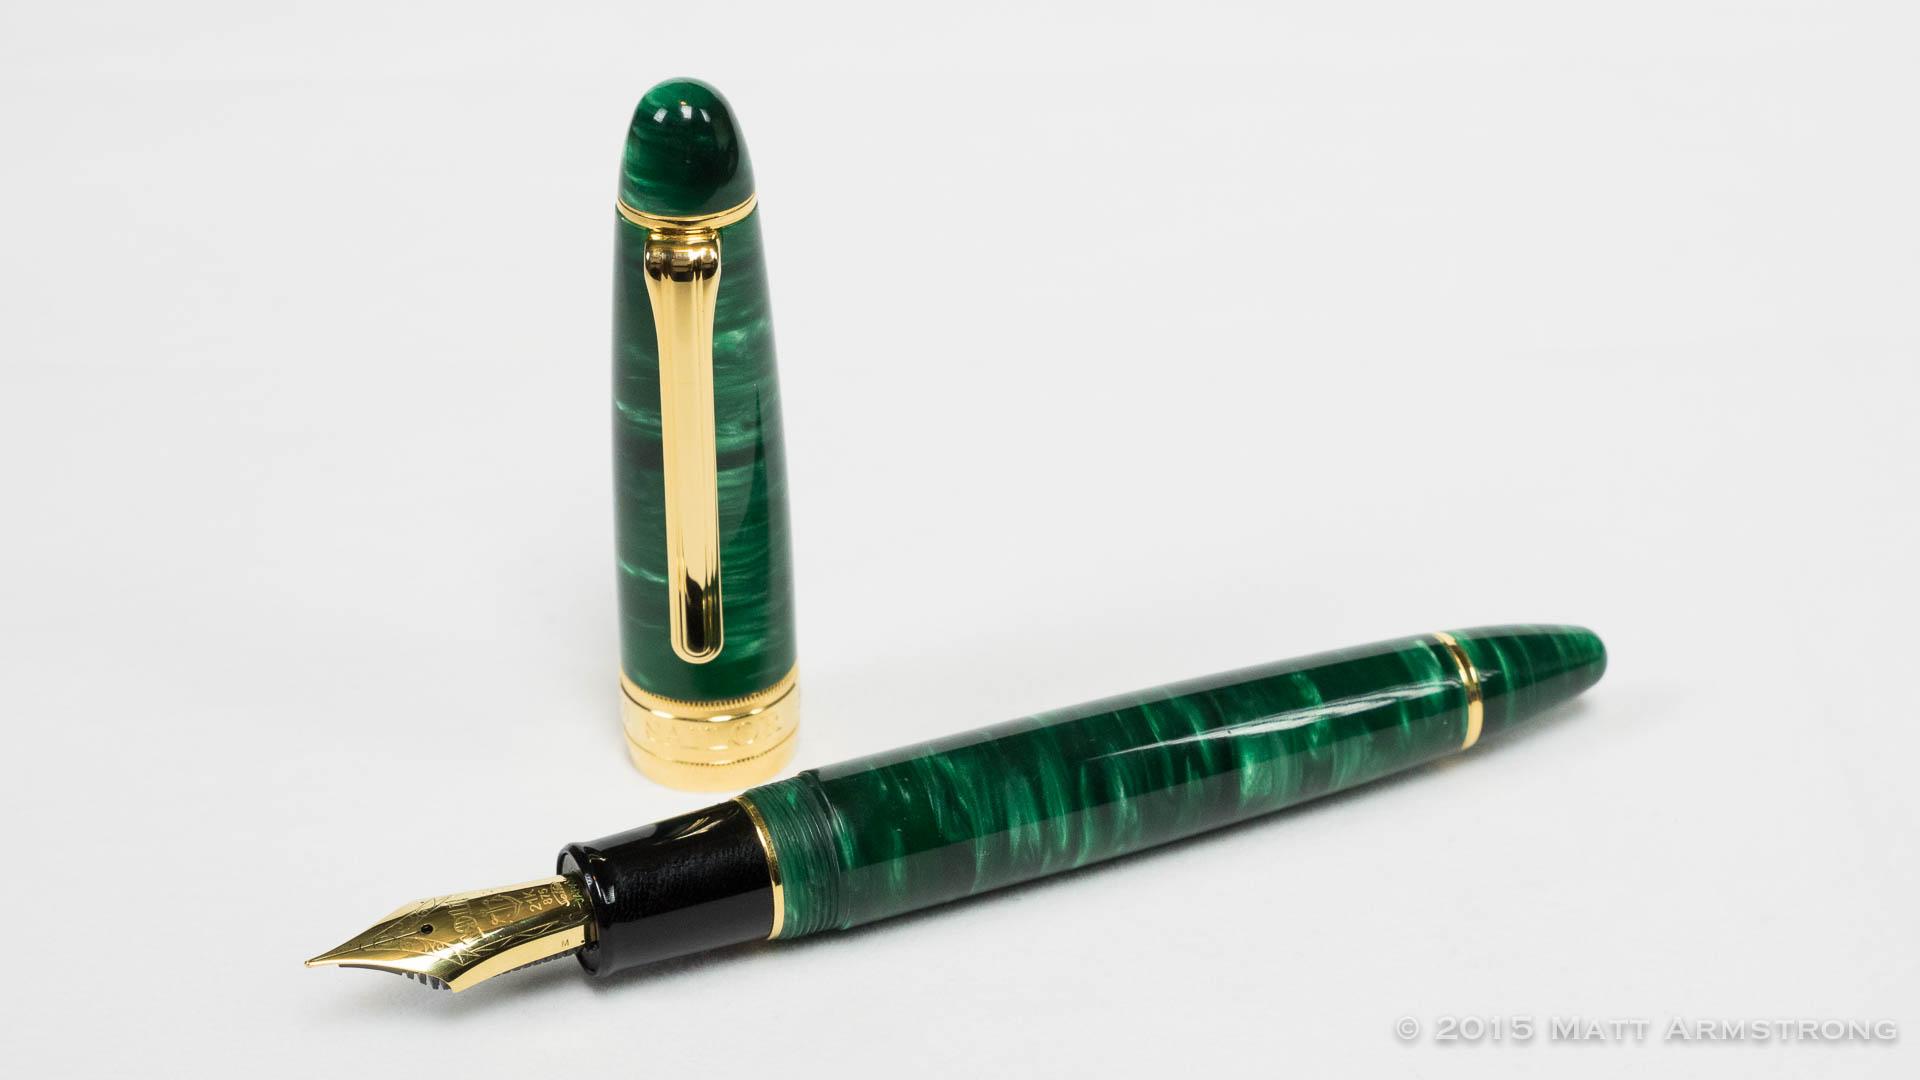 Classic Pens LB5 (King of Pen) Model in Midorigi Acrylic